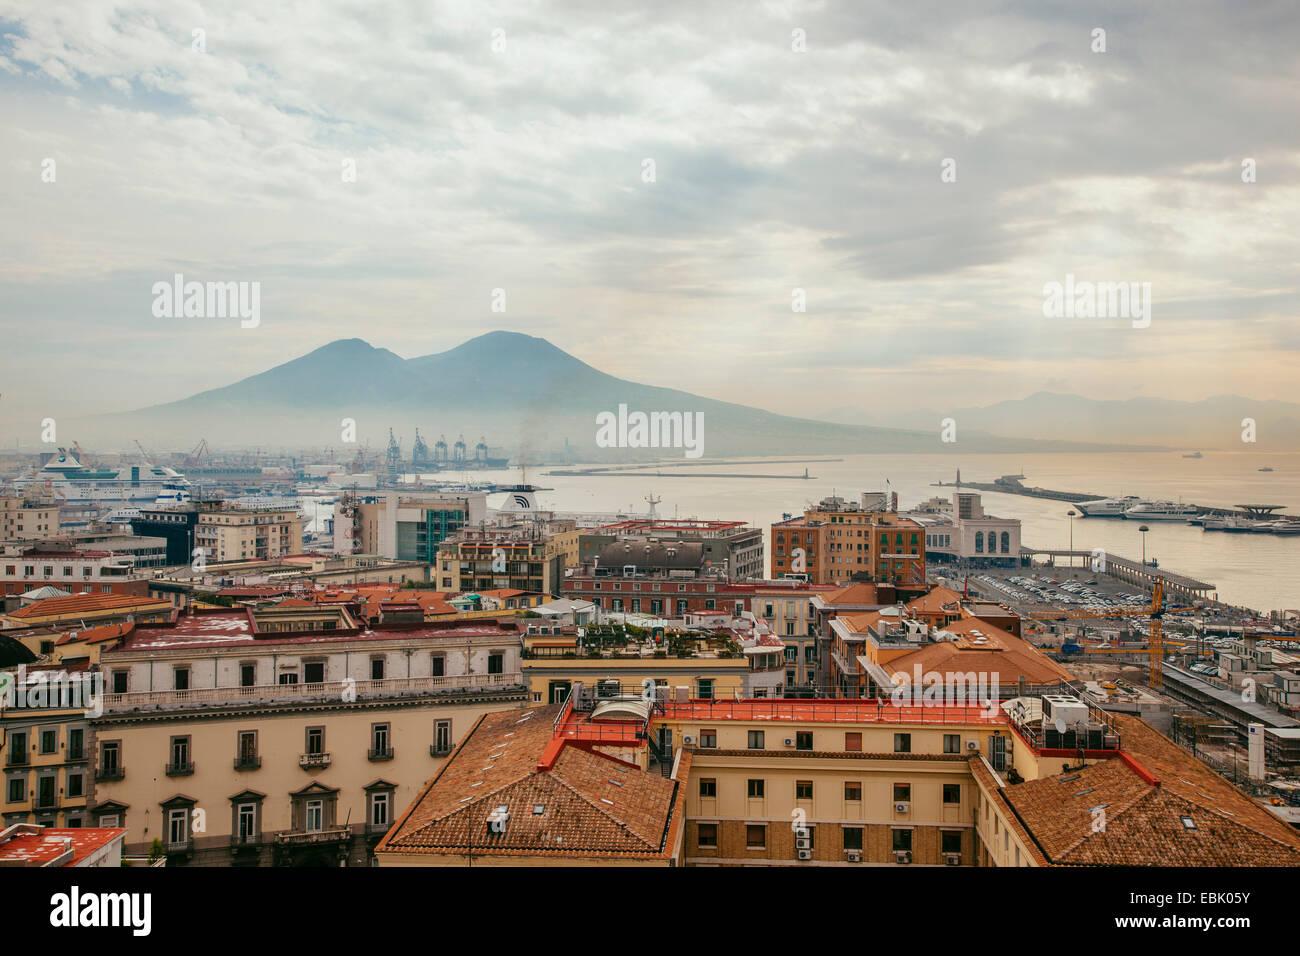 View of Mount Vesuvius over Naples, Italy - Stock Image